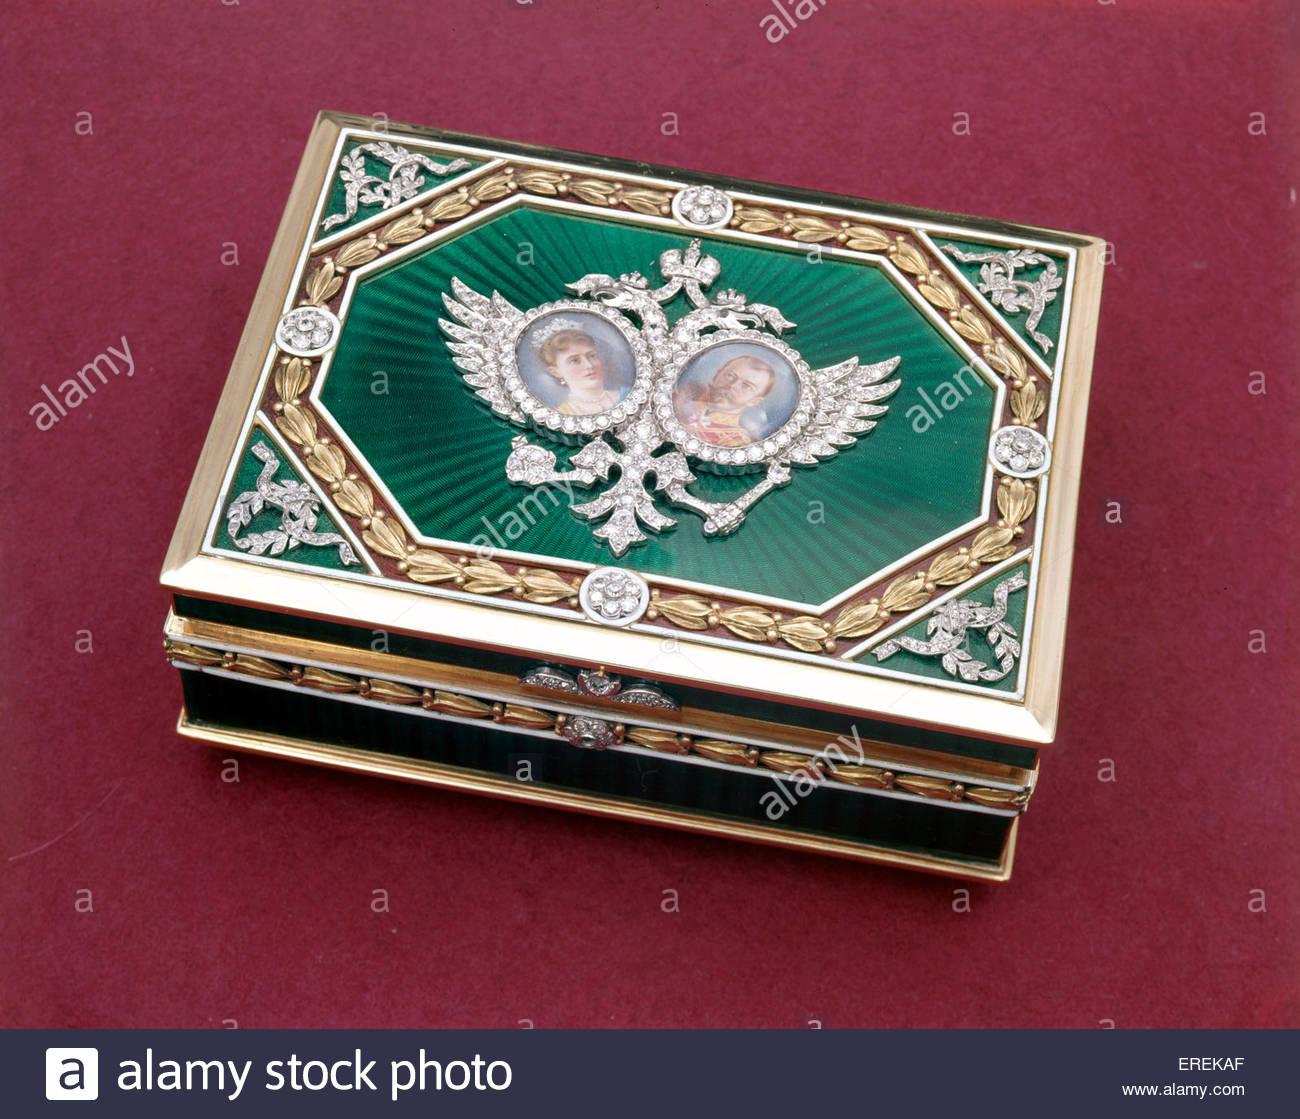 Romanov Tercentenary Box, made to mark tercentenary of Russian Romanov dynasty in 1913. With portraits of Nicholas - Stock Image